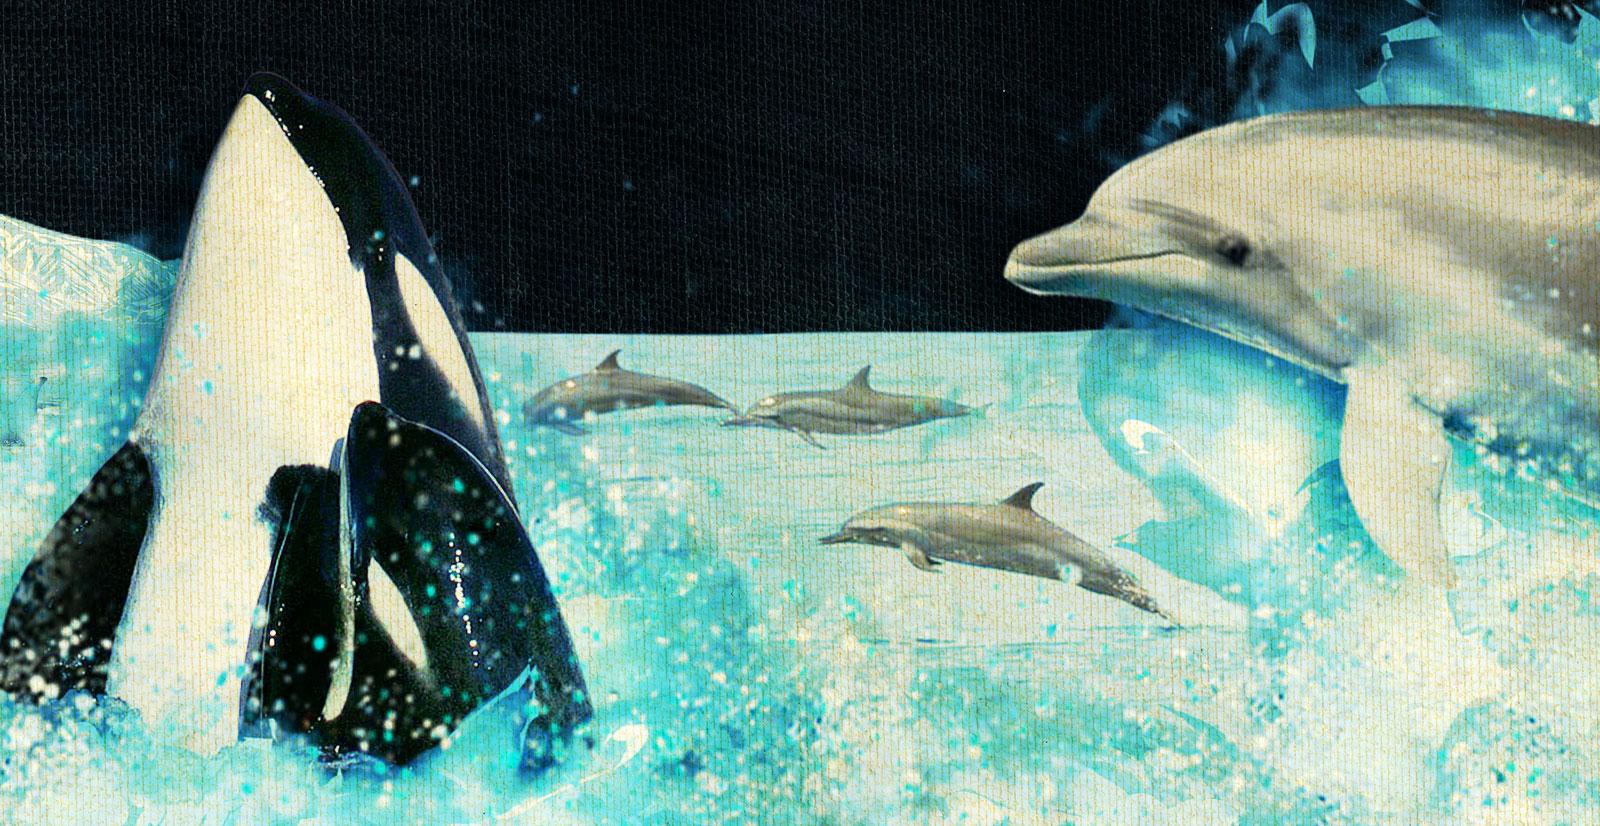 DolphinSlideMd